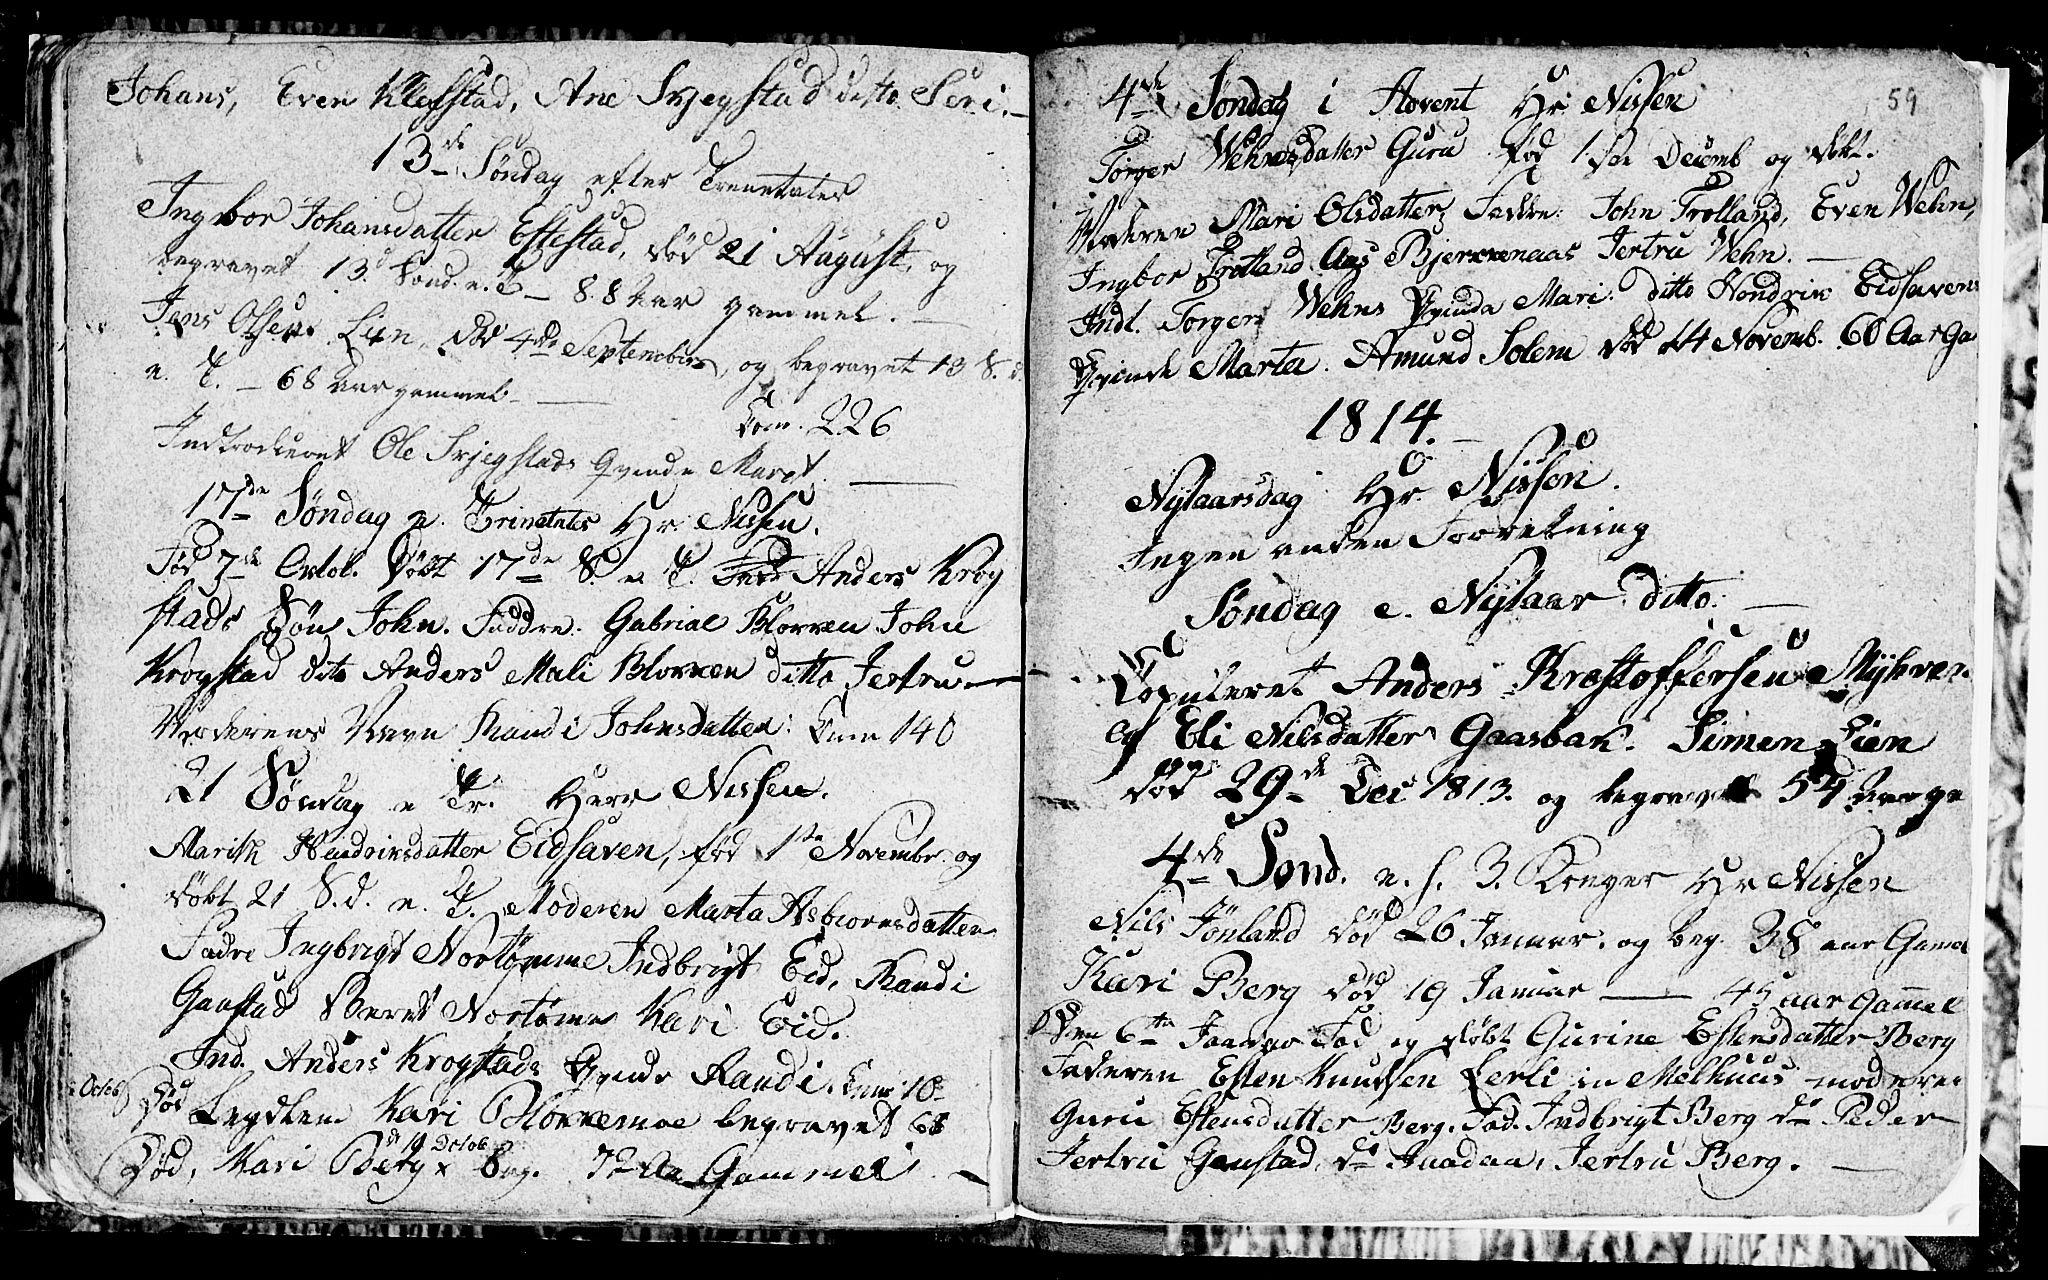 SAT, Ministerialprotokoller, klokkerbøker og fødselsregistre - Sør-Trøndelag, 694/L1129: Klokkerbok nr. 694C01, 1793-1815, s. 59